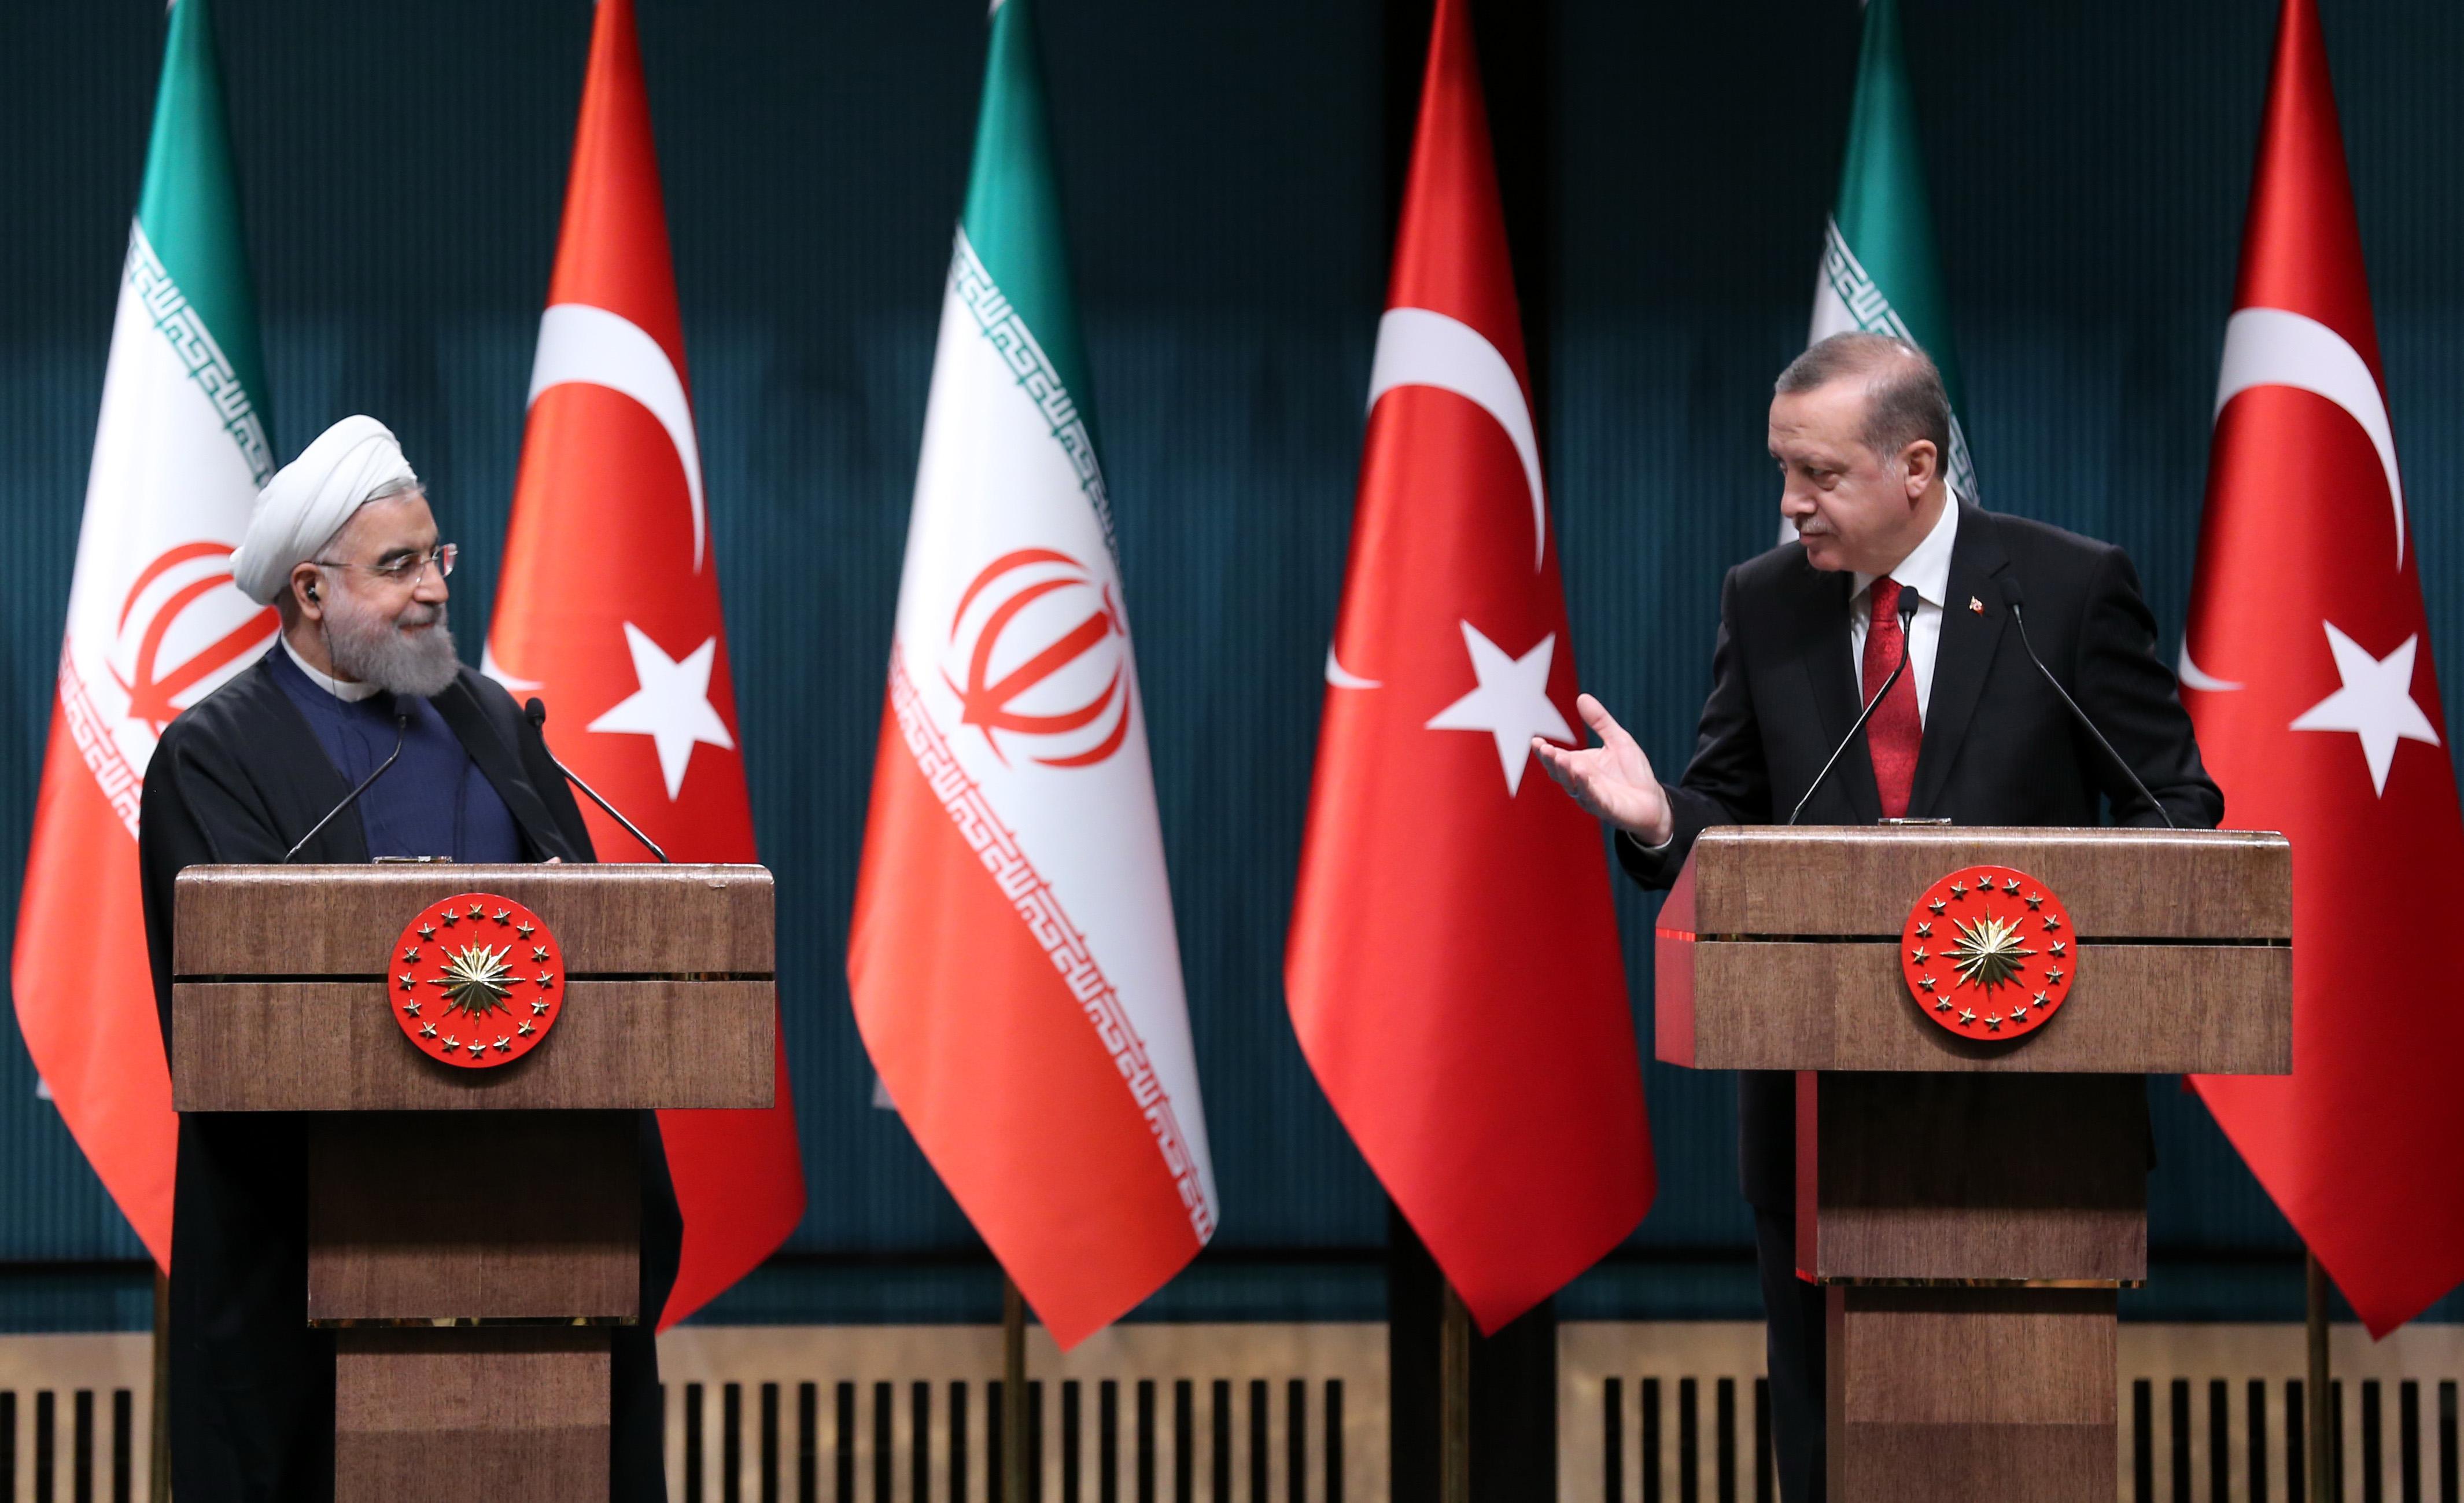 خبير: إيران تدرك مكانة تركيا كدولة كبيرة لا يمكن التفريط في العلاقة معها   ترك برس